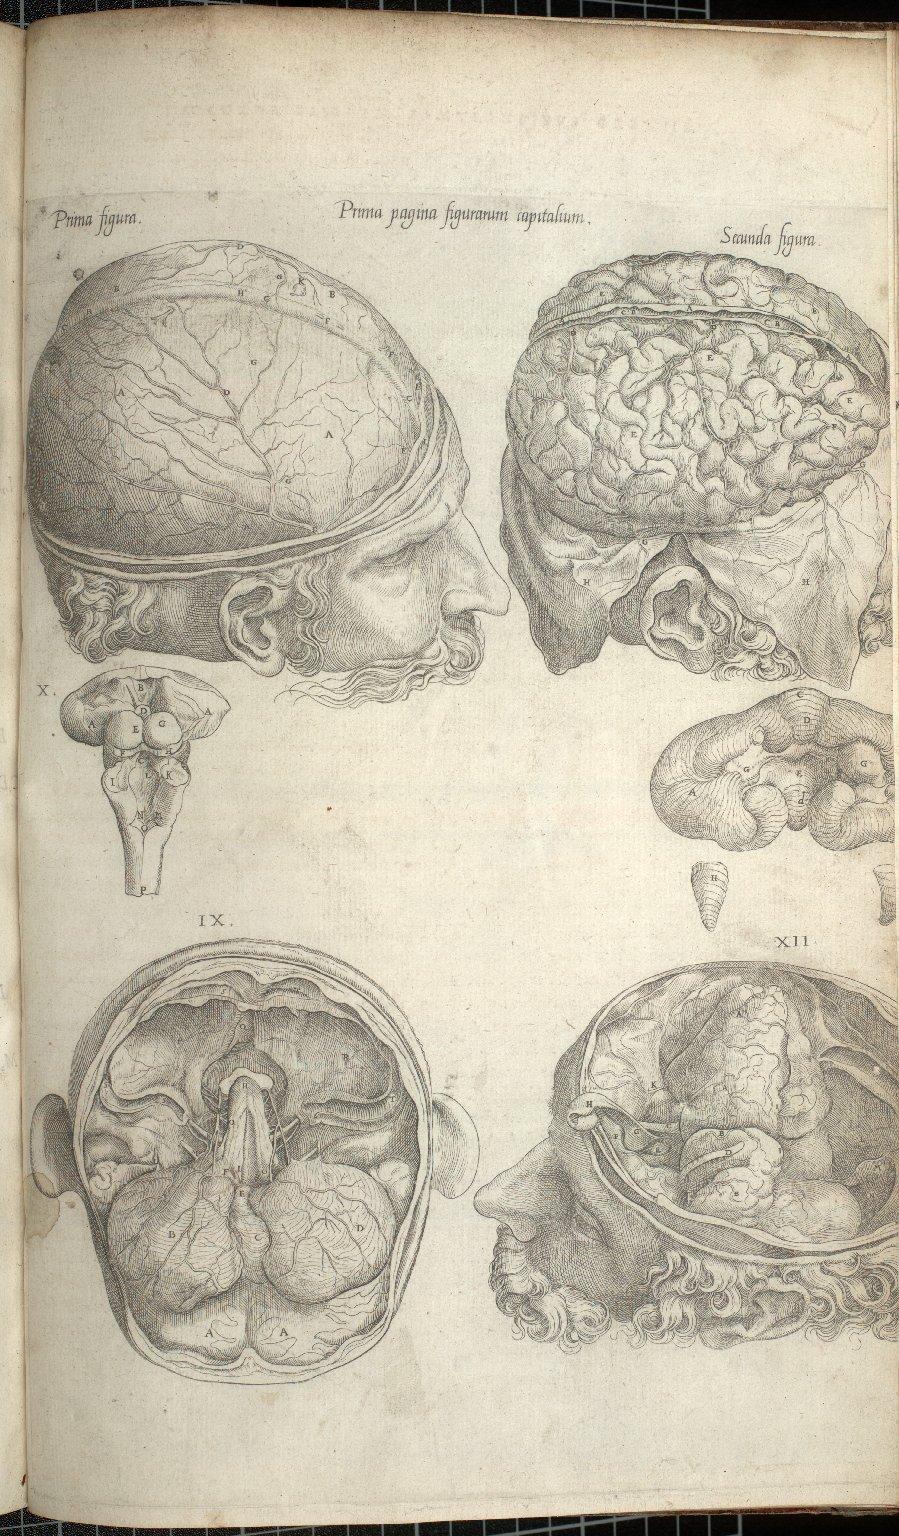 Prima Pagina Figurarum Capitalium